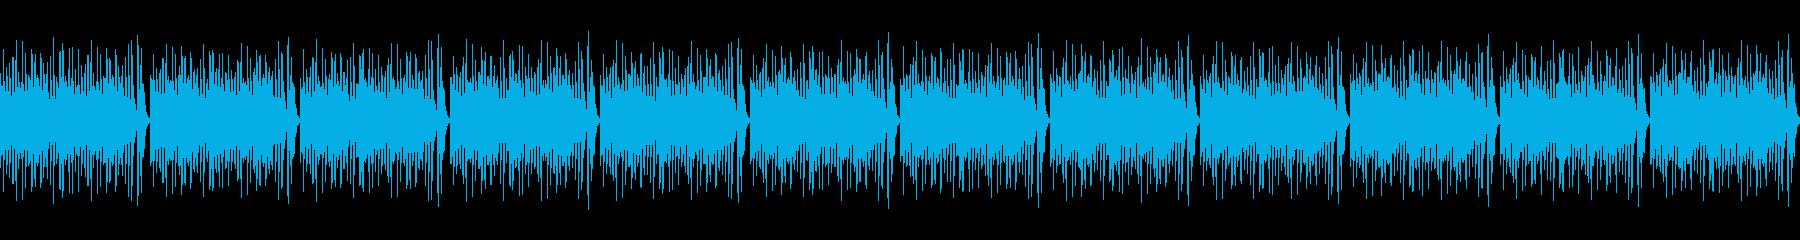 魔界・魔族系Vtuber  雑談BGMの再生済みの波形